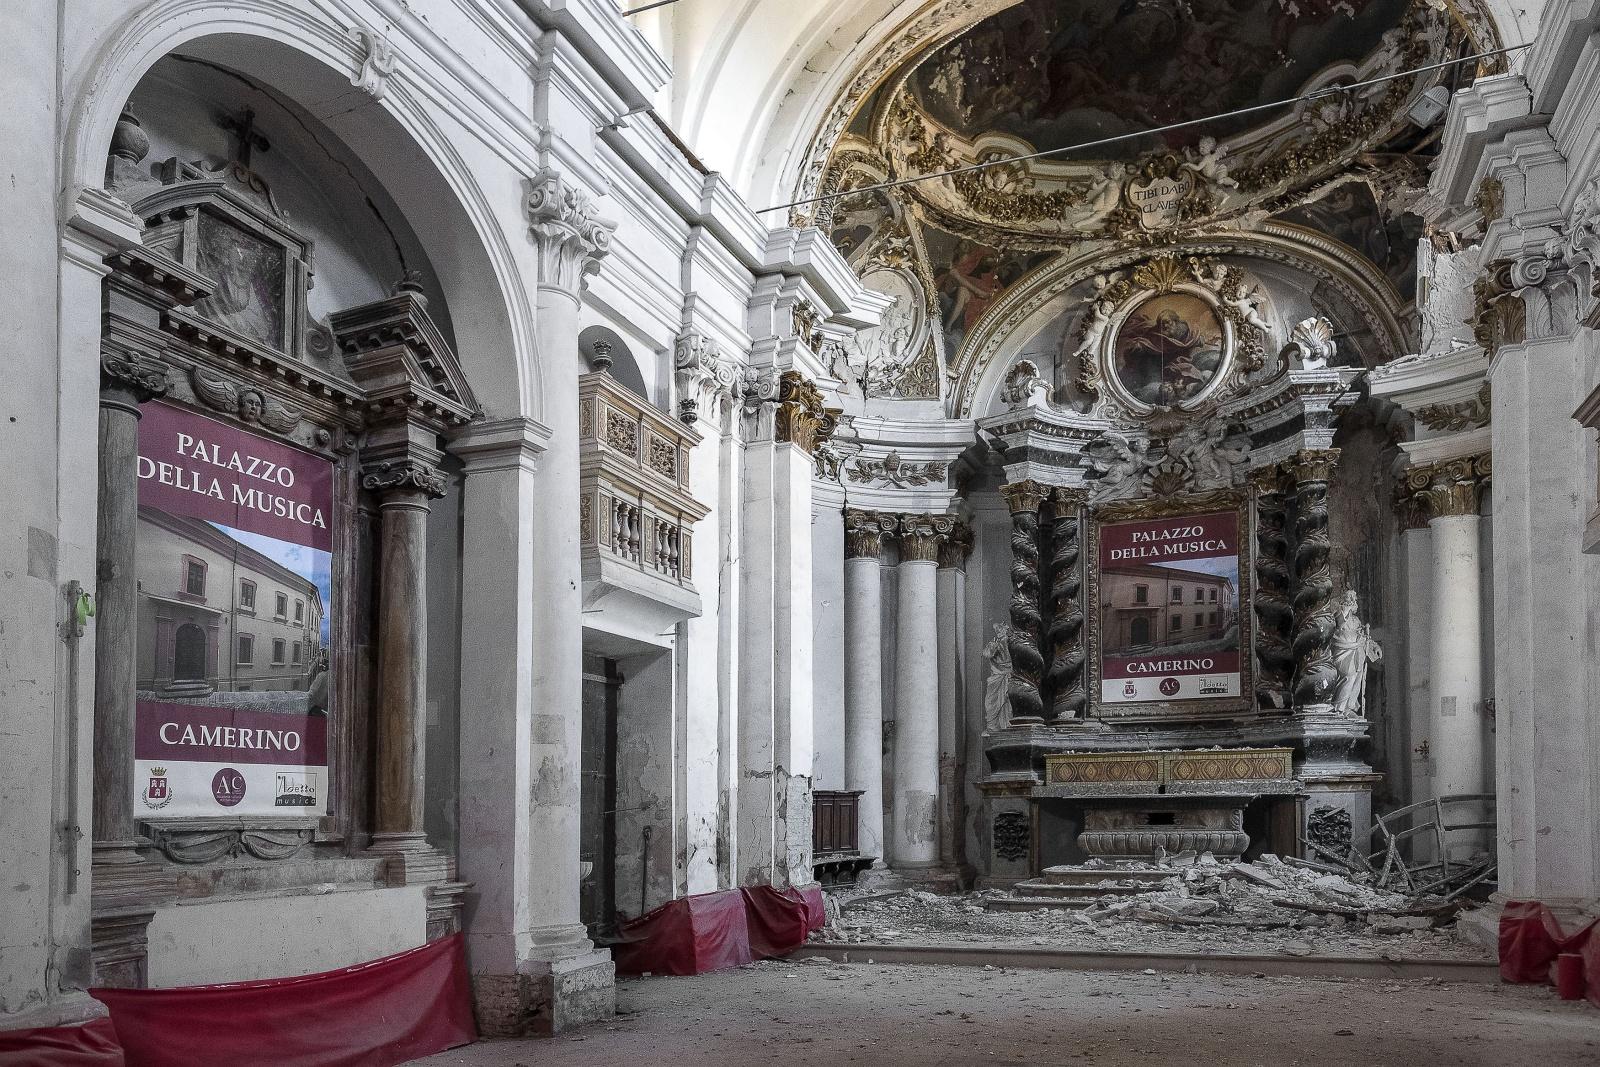 Camerino città universitaria delle Marche colpita dal terremoto il 26 ottobre del 2016 -Istituto Nelio Bondi Musicale di Camerino